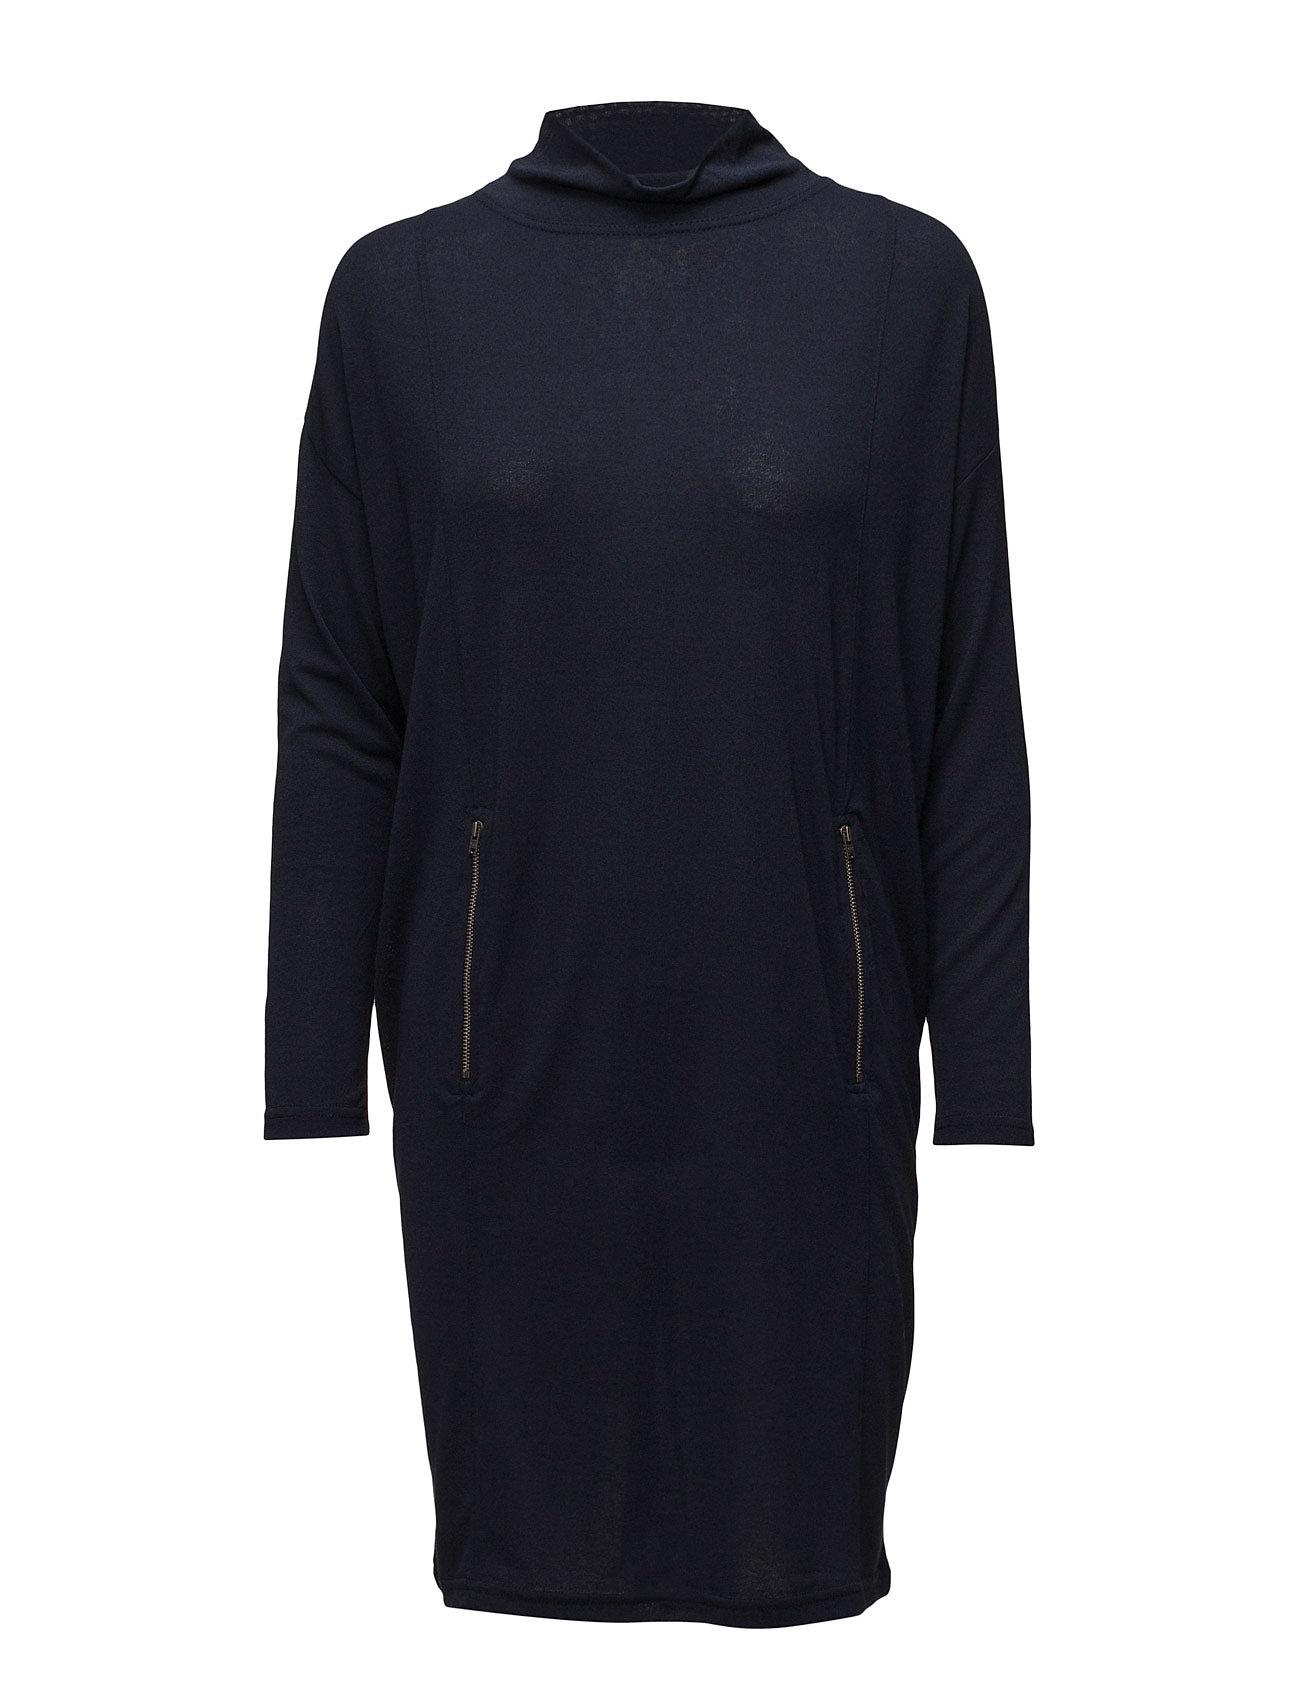 Gonja Tunic Oversize Long Slv Masai Knælange & mellemlange til Damer i Navy blå